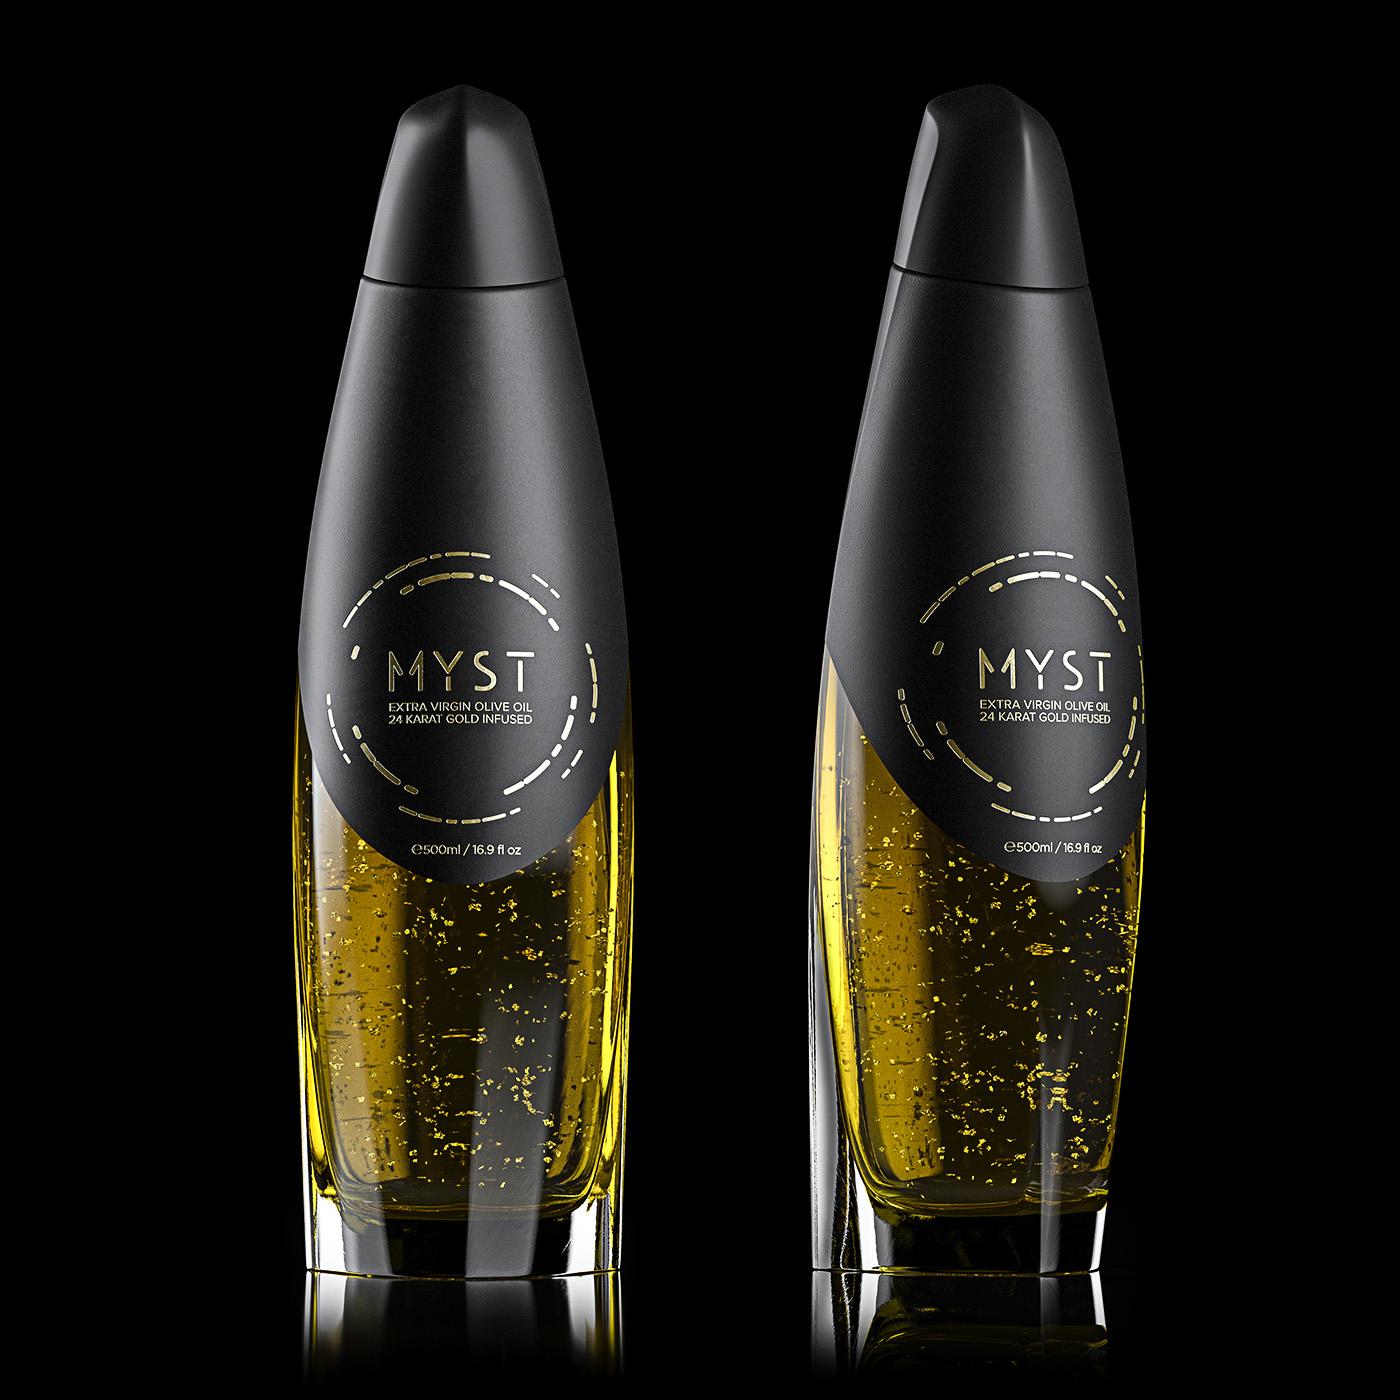 Myst, ultra premium olive oil, bottle packaging 2